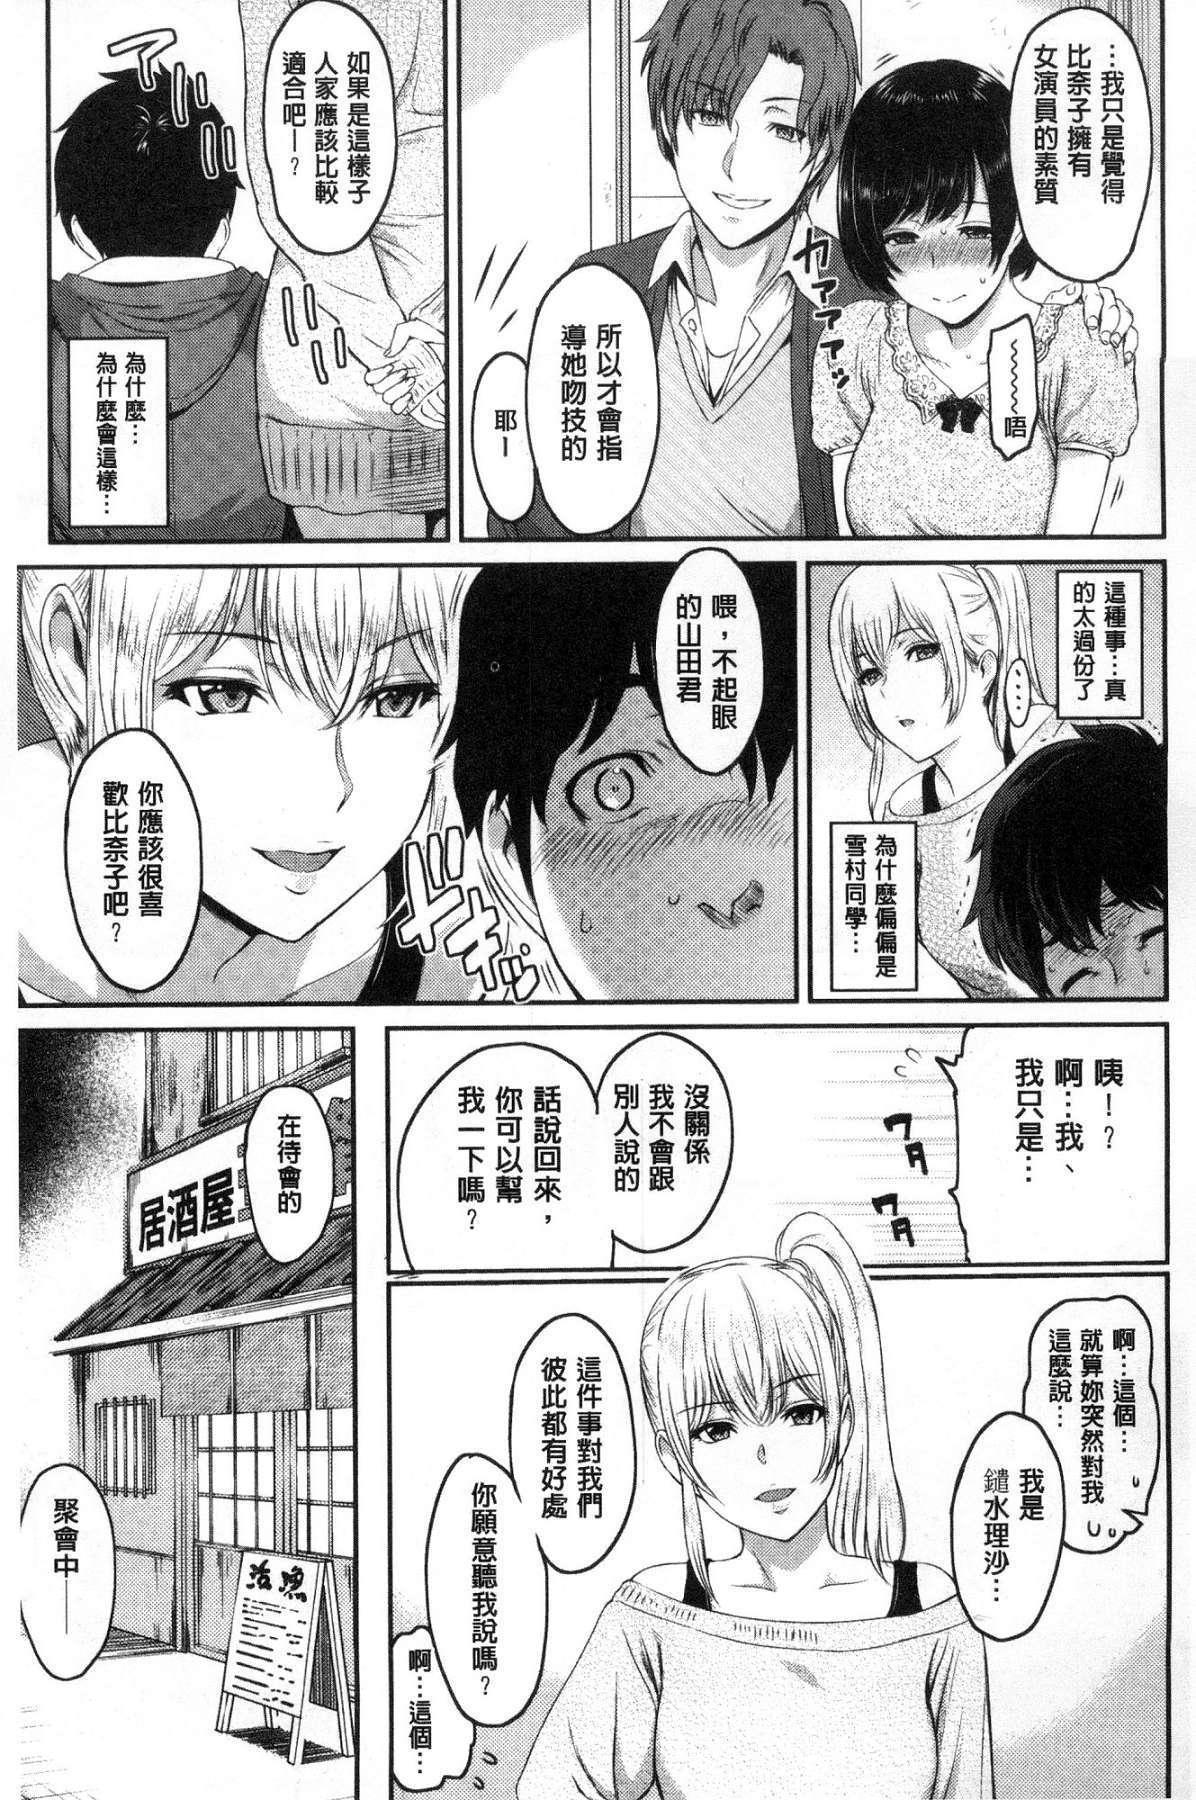 [中文H漫畫]難道你是山田君嗎???